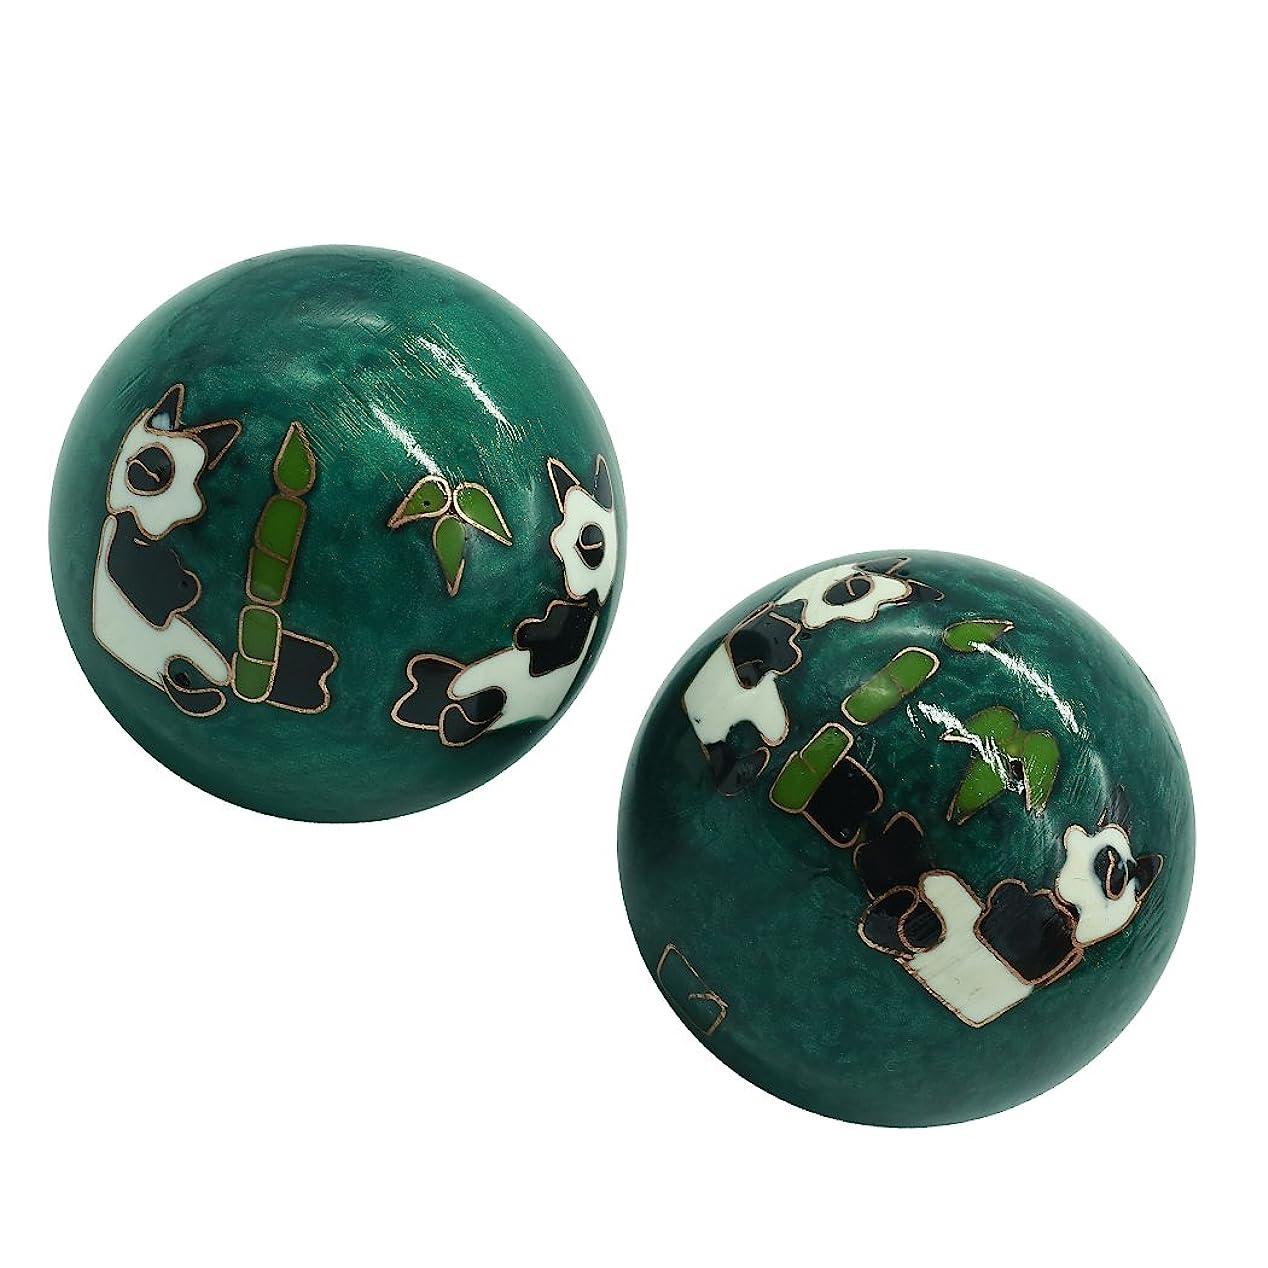 好きであるスーツ簿記係風水グッズ 健康球 健身球 脳 活性 ストレス トレーニング器具 手の機能回復 2個 パンダ (グリーン, 35mm) INB168